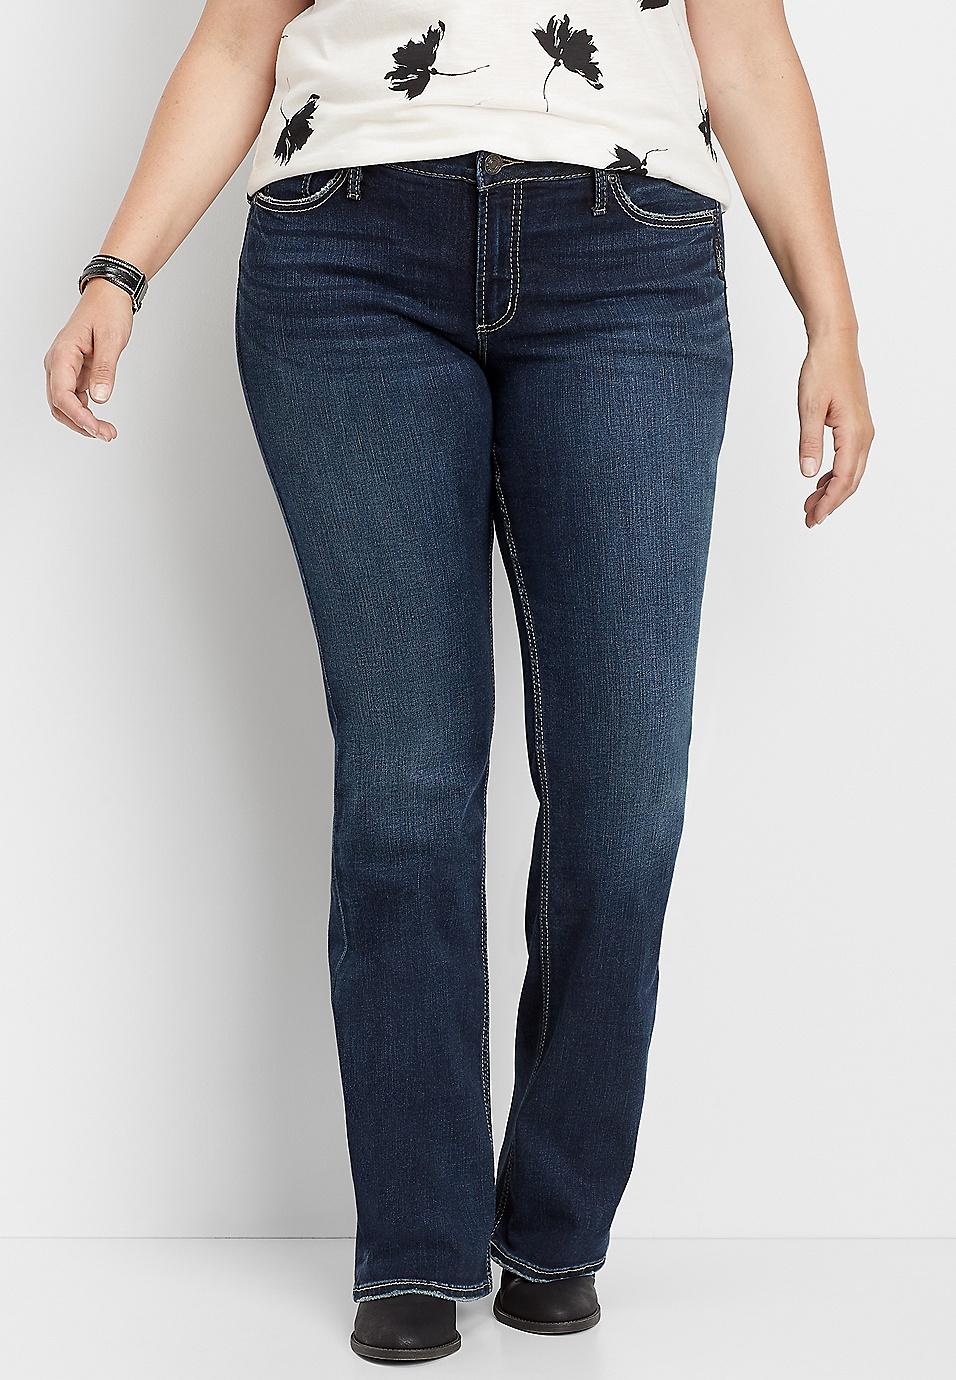 2019 discount sale cheaper top style plus size Silver Jeans Co.® Suki dark wash slim boot jean